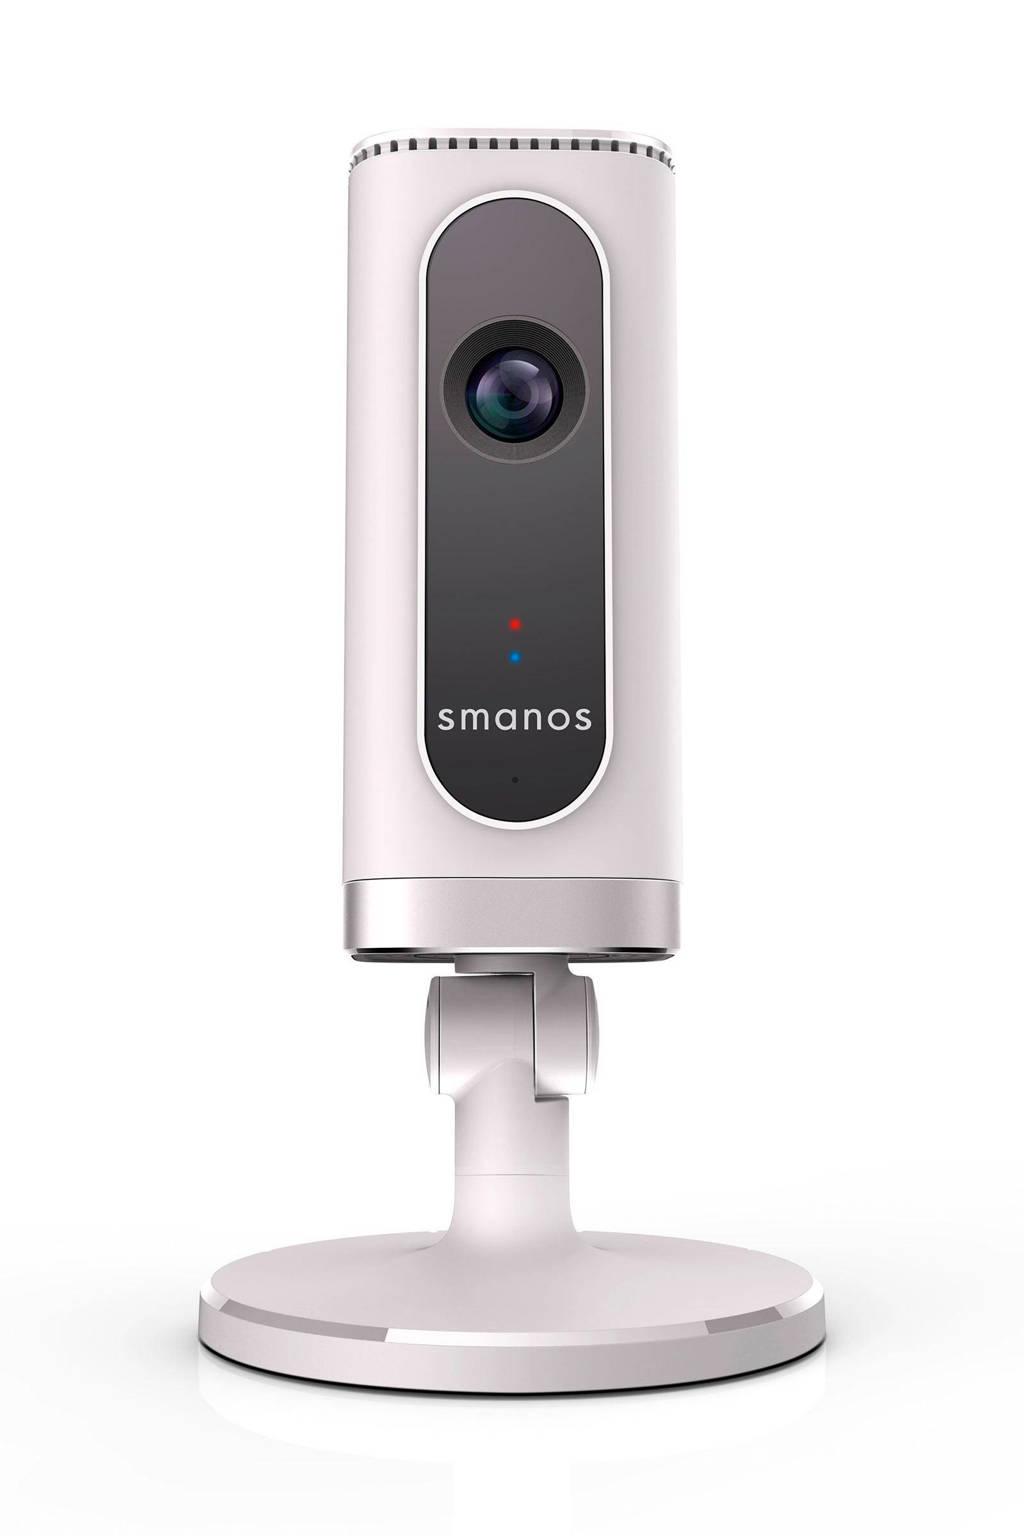 Smanos IP6 wifi camera